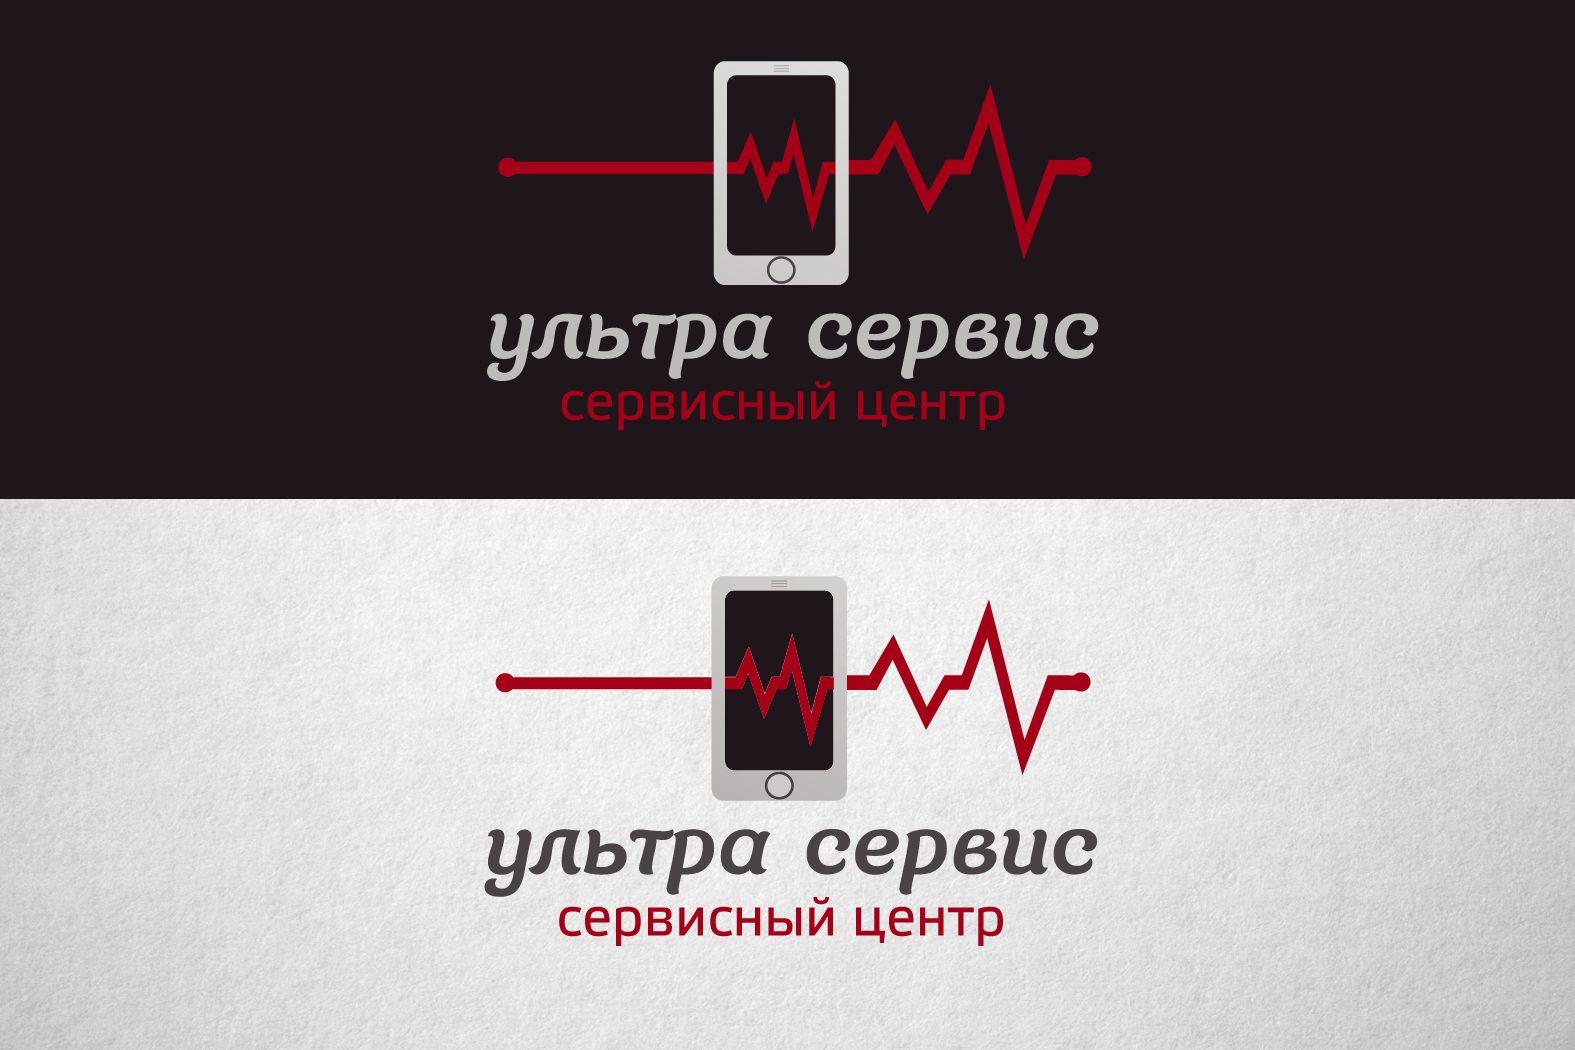 Логотип и фирменный стиль сервисного центра - дизайнер funkielevis